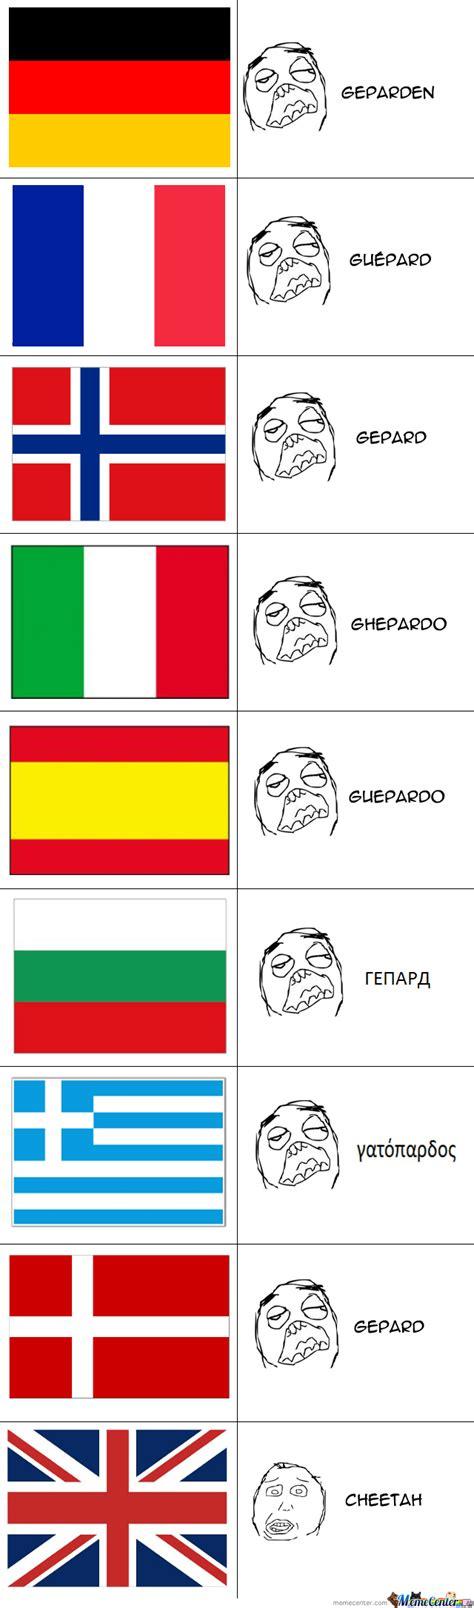 Language Differences Meme - language differences by ak 47 meme center